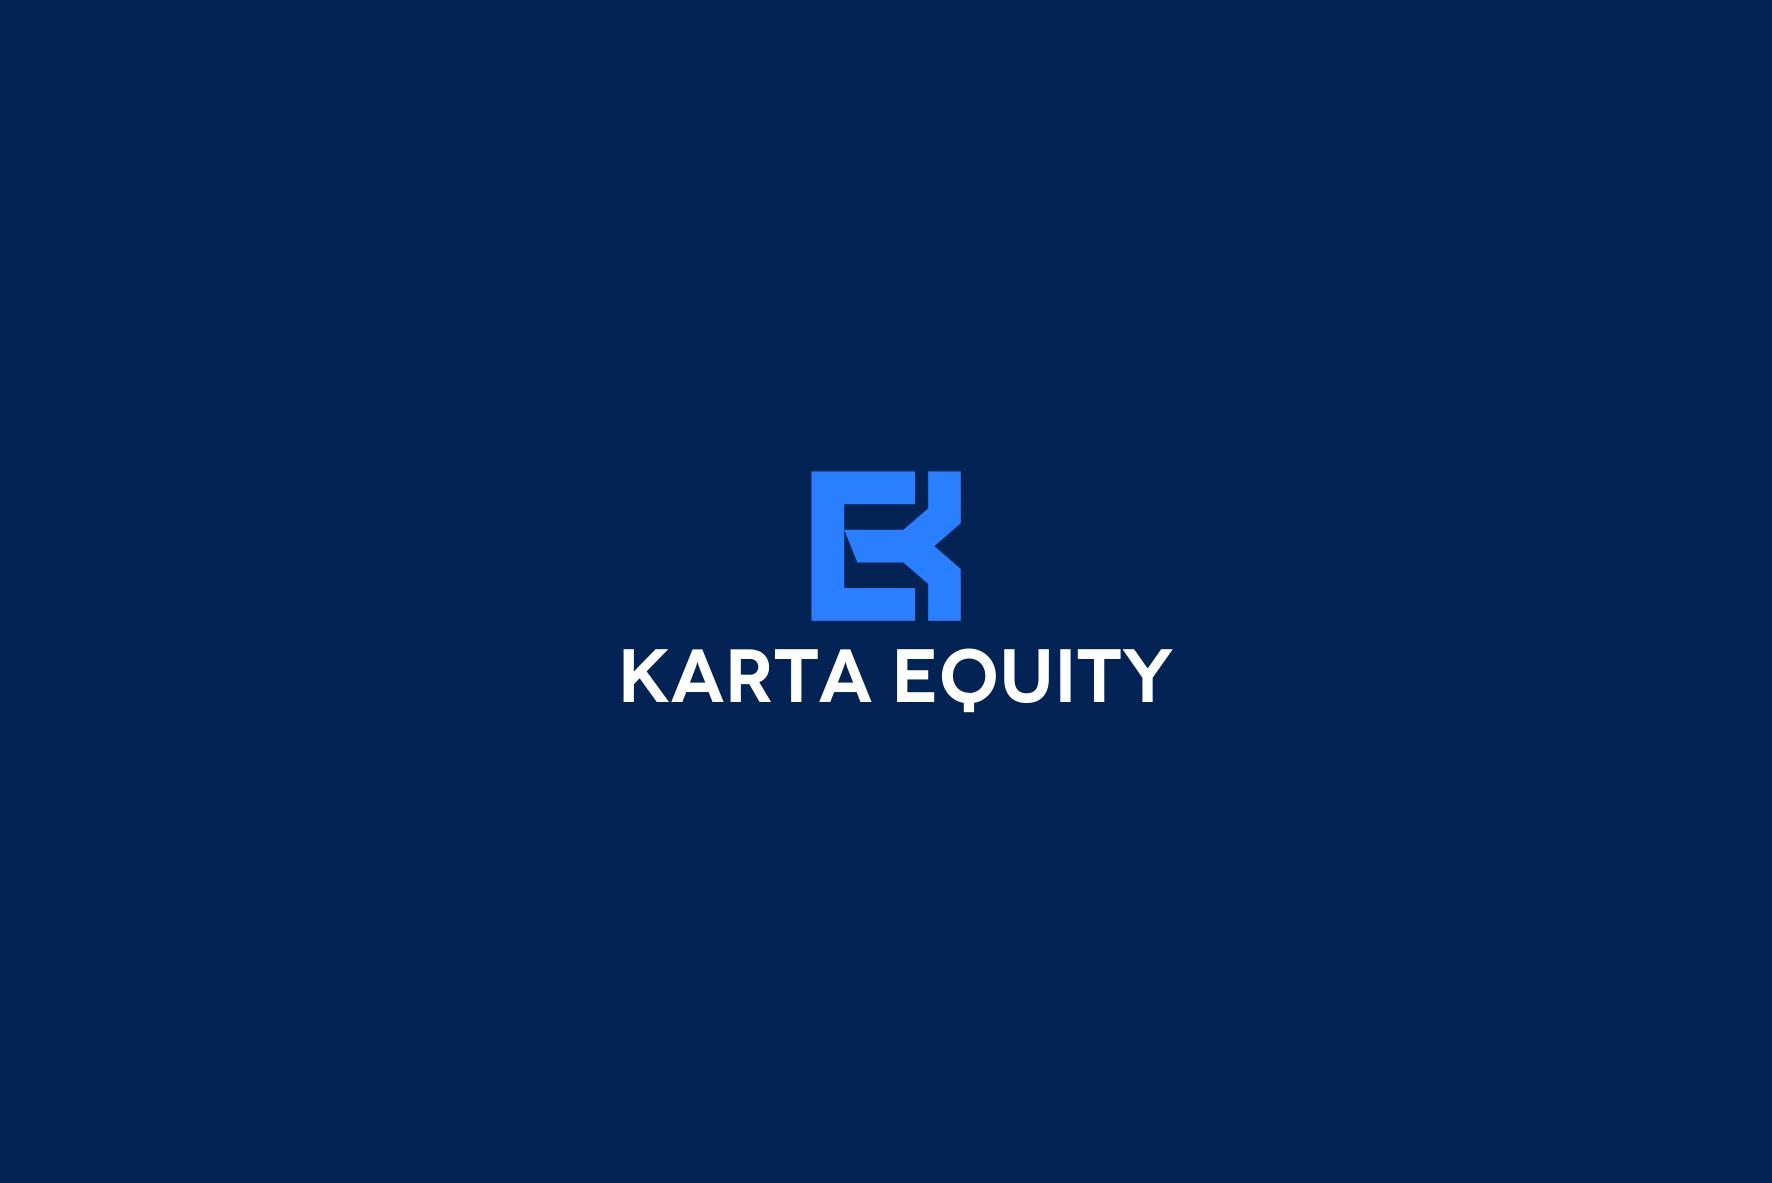 Логотип для компании инвестироваюшей в жилую недвижимость фото f_1735e0fff96b2c97.png